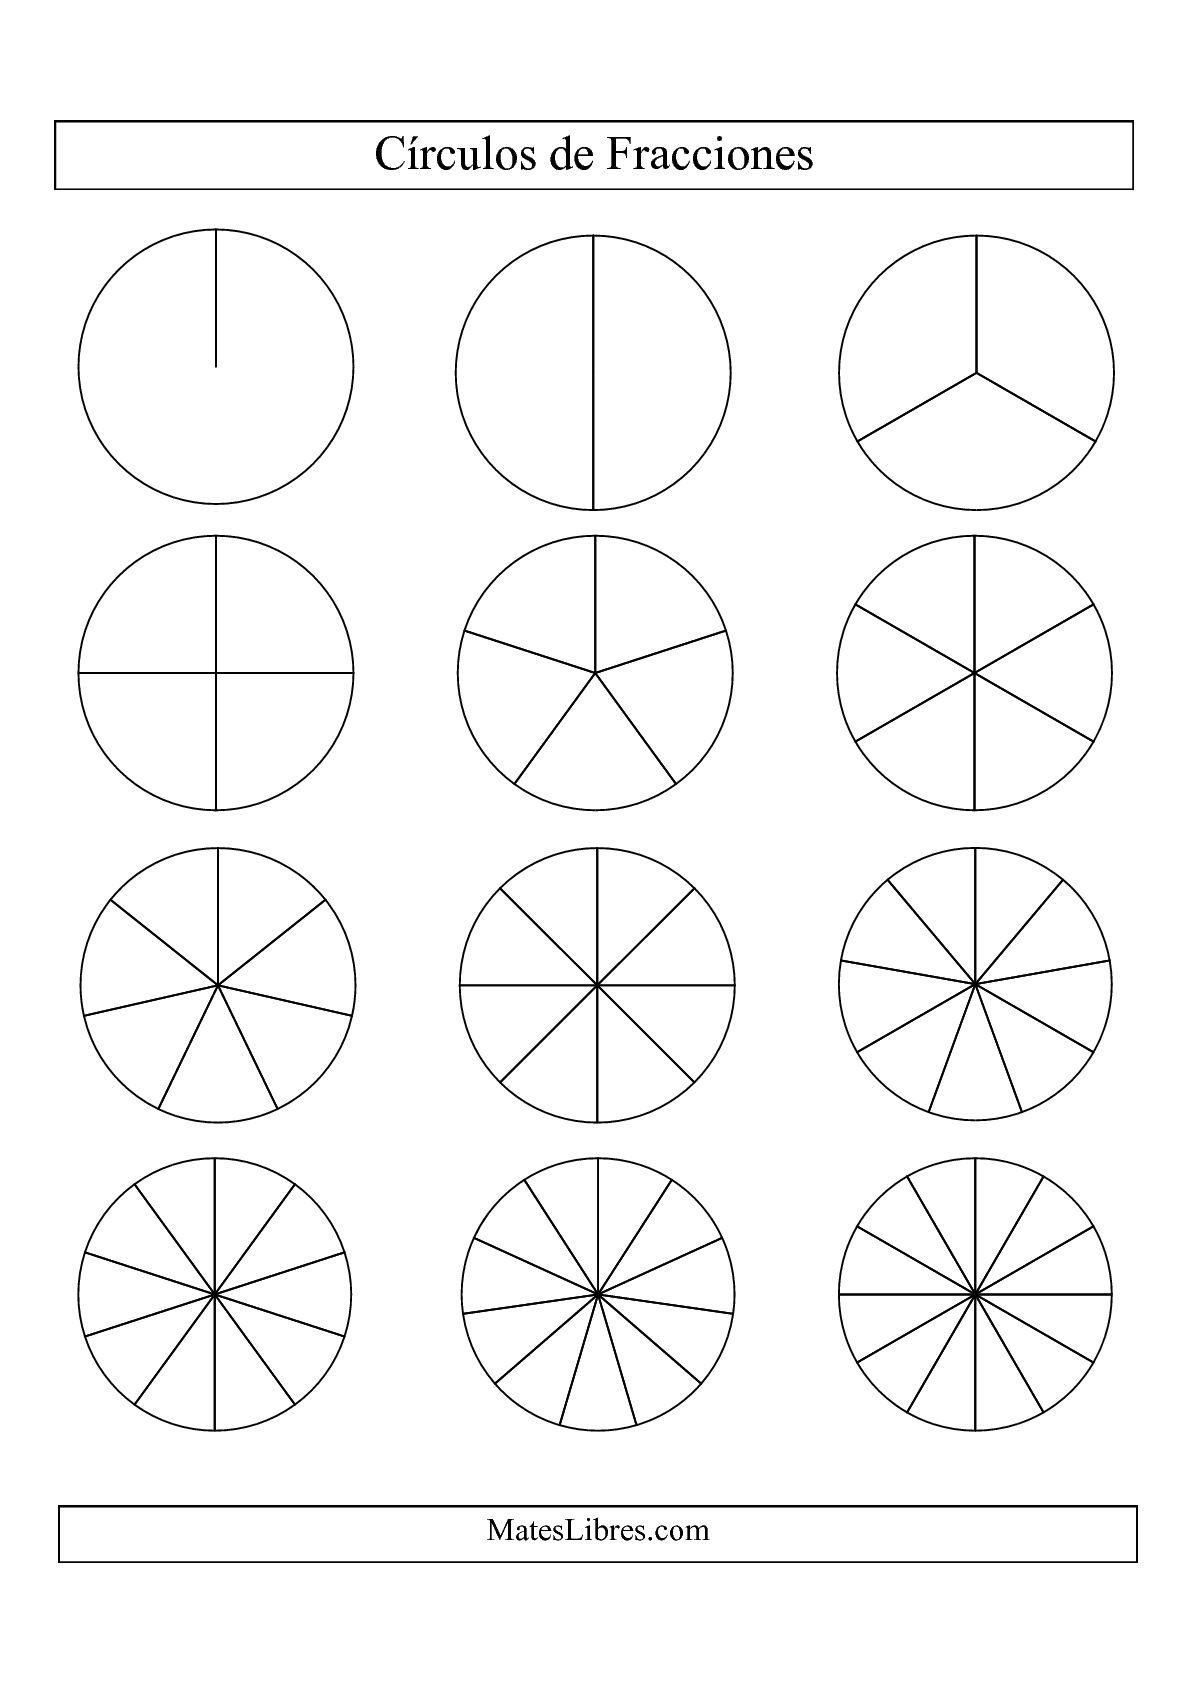 La Círculos en Blanco y Negro de Fracciones sin Etiquetas (Pequeño) (E) Hoja de Ejercicio de Fracciones